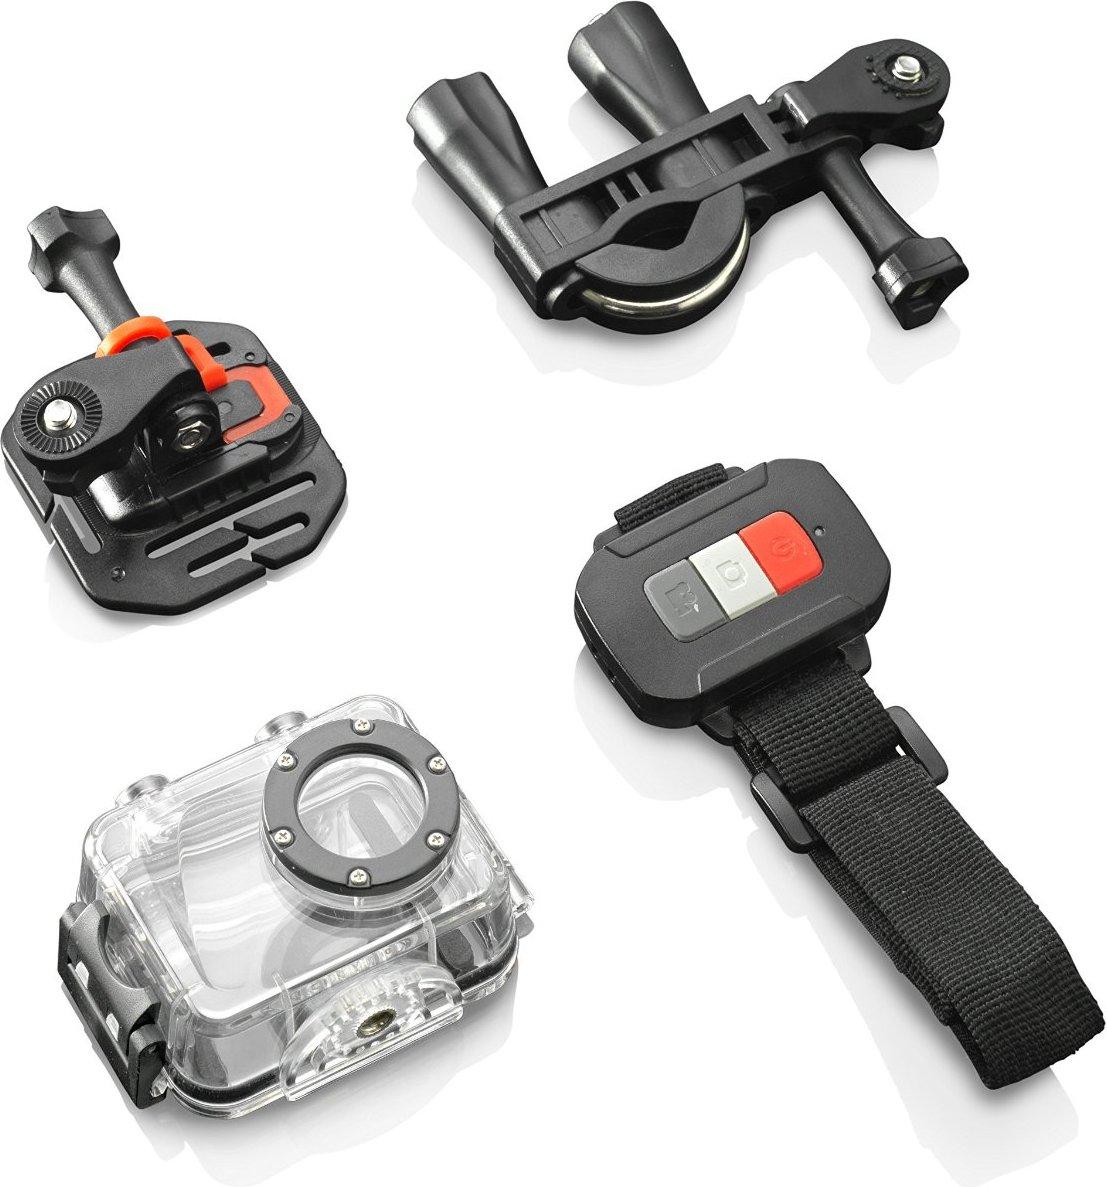 lenco sportcam 400 hd cam ra de sport low cost avec cran lcd prix et caract ristiques. Black Bedroom Furniture Sets. Home Design Ideas